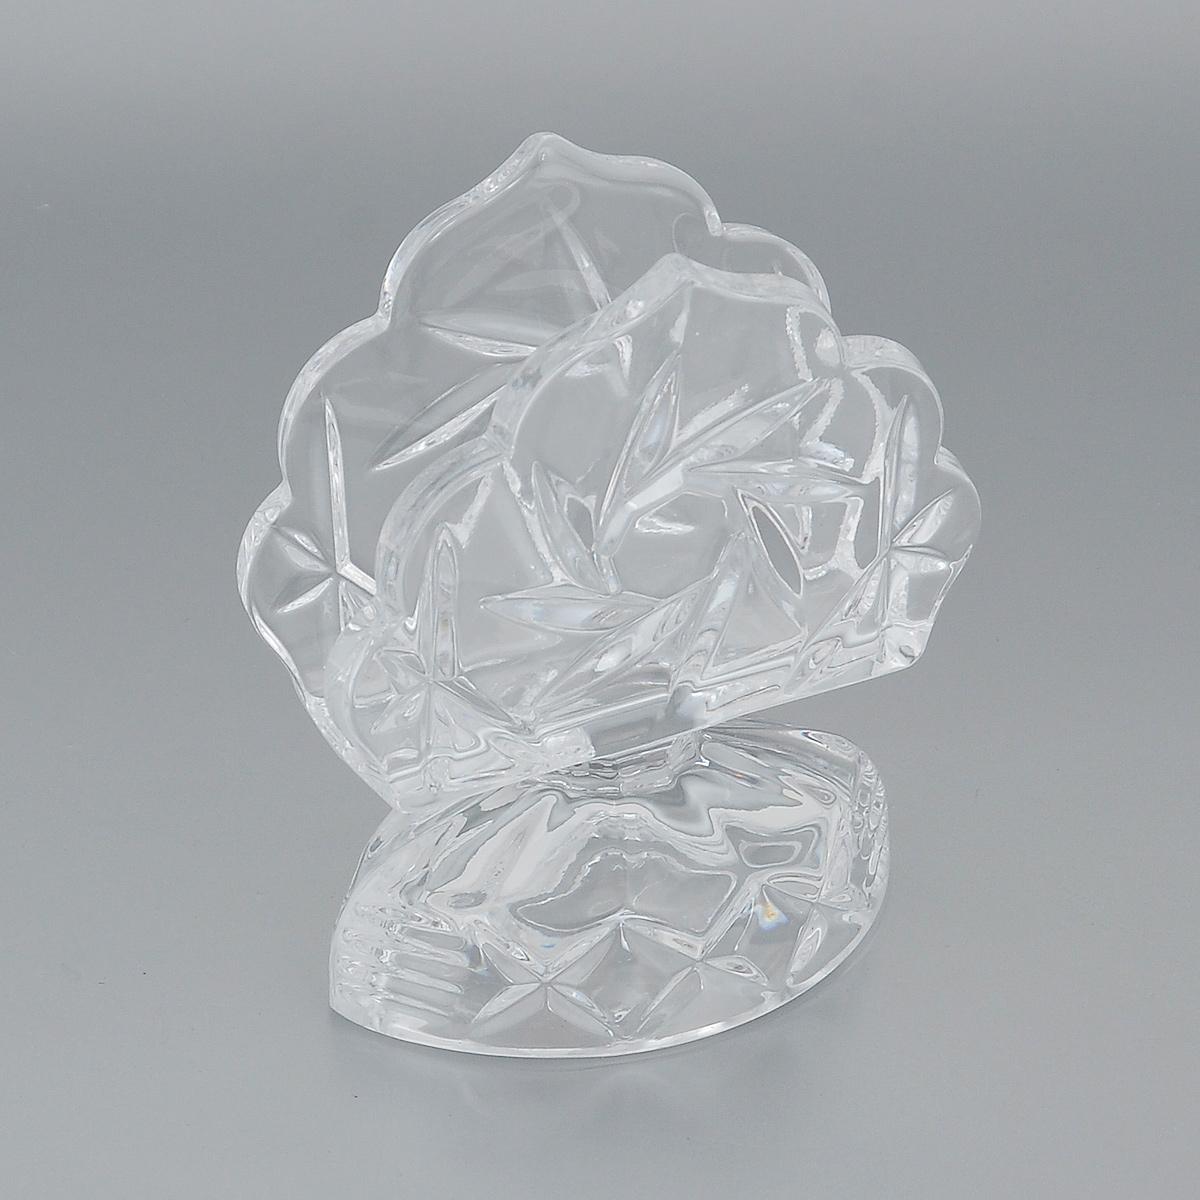 Салфетница Crystal Bohemia, 9,5 х 6 х 12,5 см3424Салфетница Crystal Bohemia изготовлена из высококачественного хрусталя и декорирована рельефом. Она сочетает в себе изысканный дизайн и лаконичность и прекрасно подойдет для декора интерьера дома. Кроме того - это отличный вариант подарка для ваших близких и друзей.